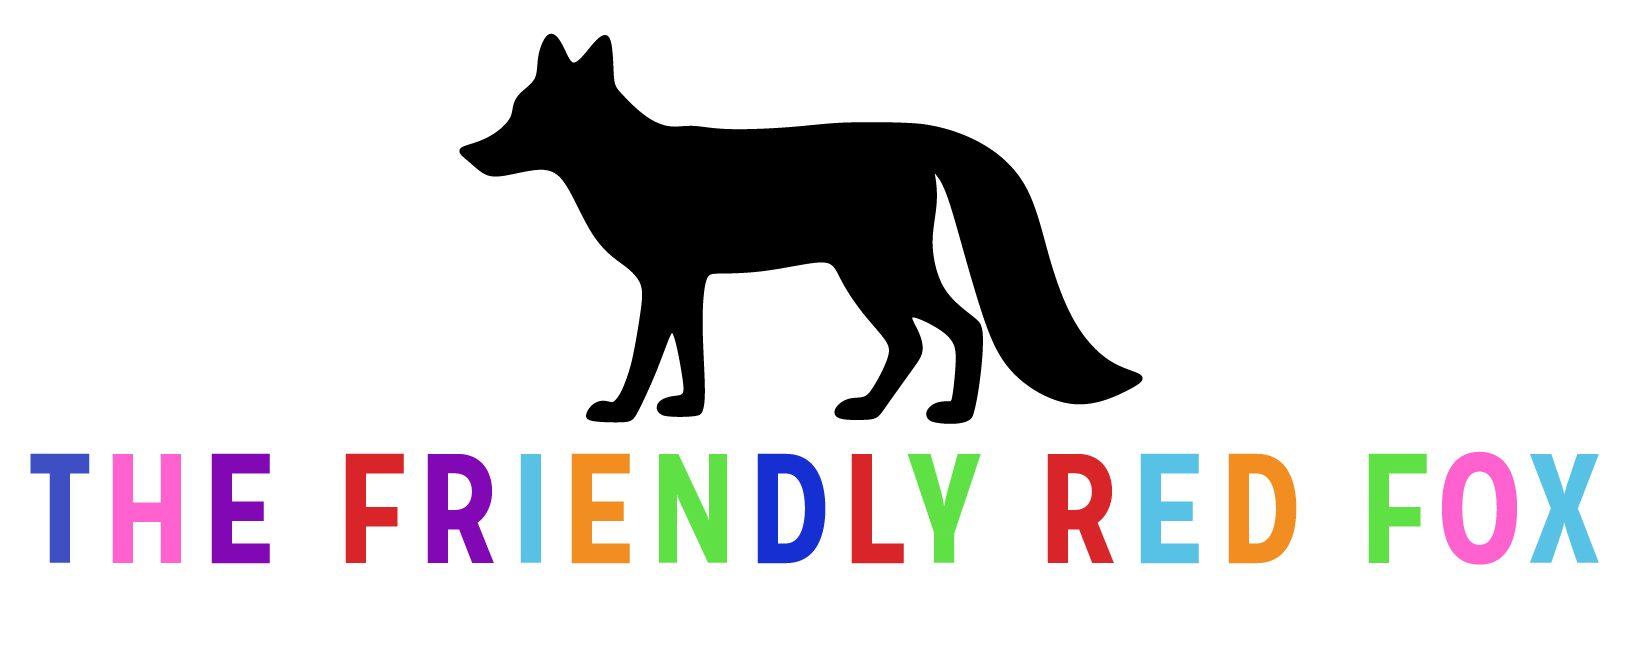 thefriendlyredfox.com